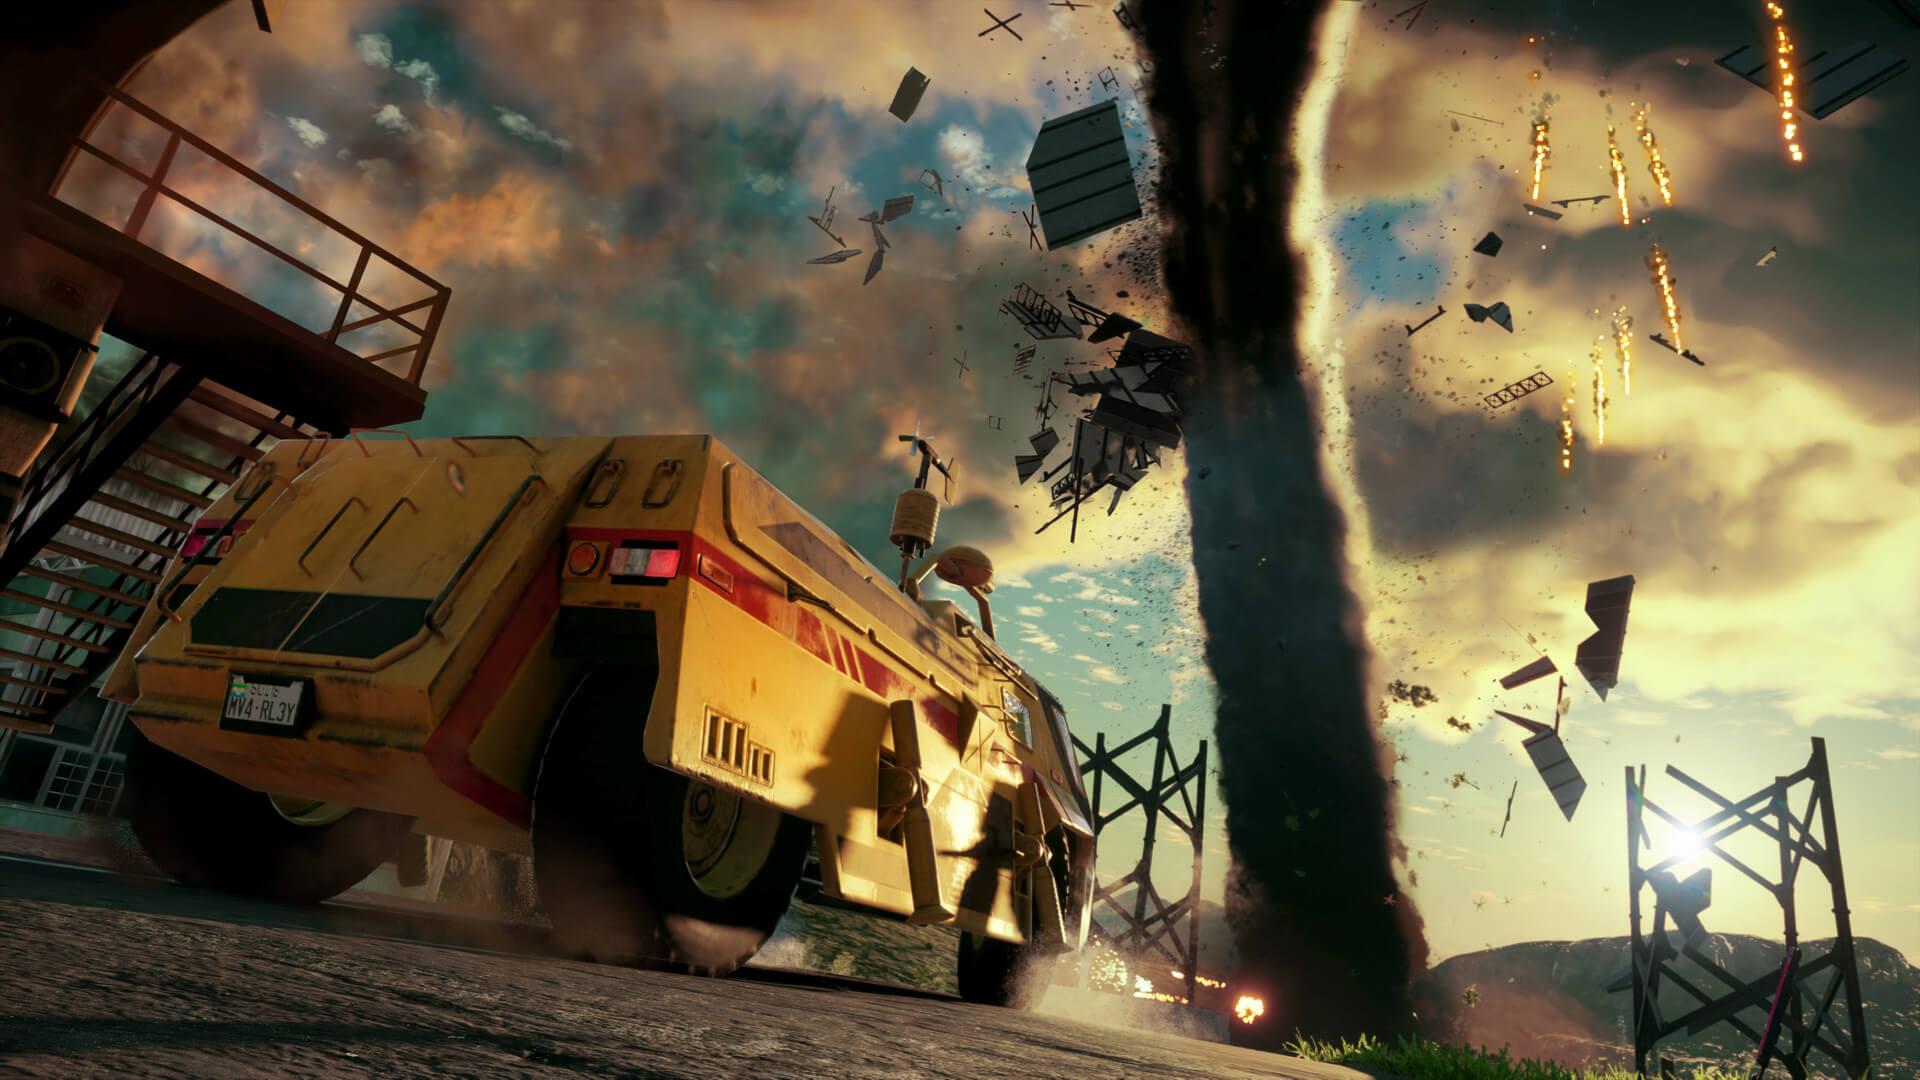 《正当防卫4》 推送PC版升级 修复材质与操控问题